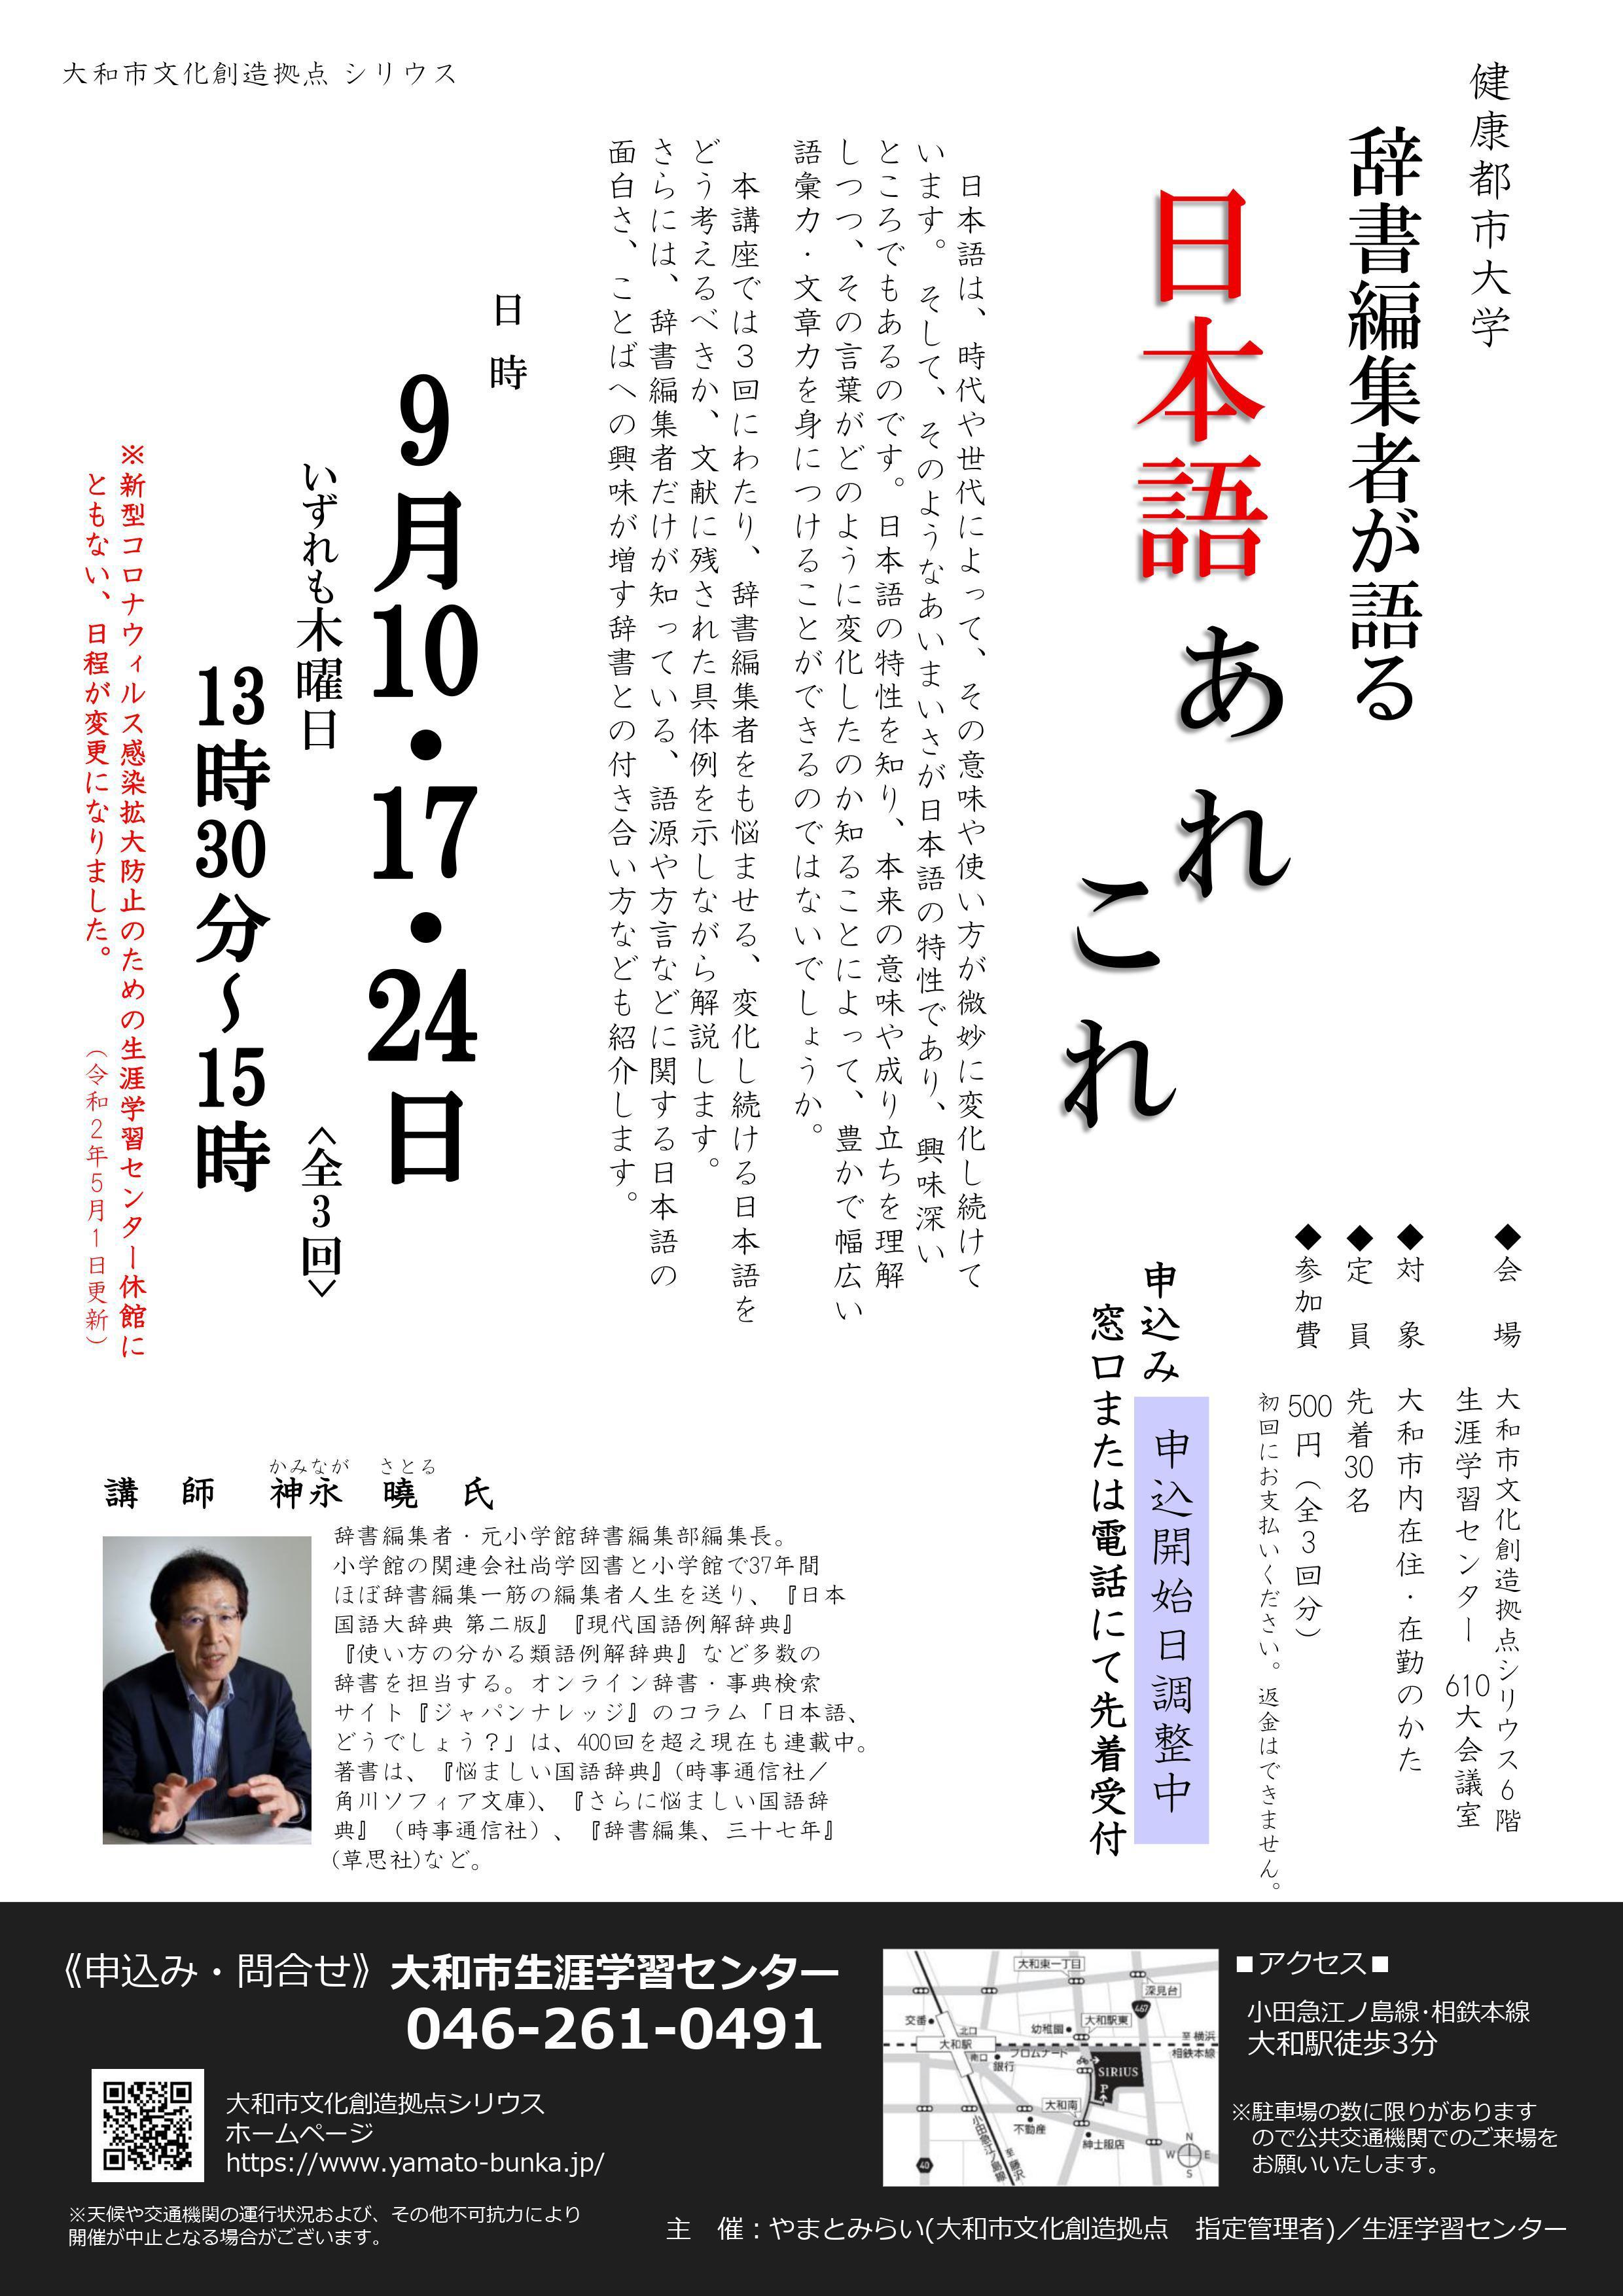 【募集終了】健康都市大学辞書編集者が語る 日本語あれこれ